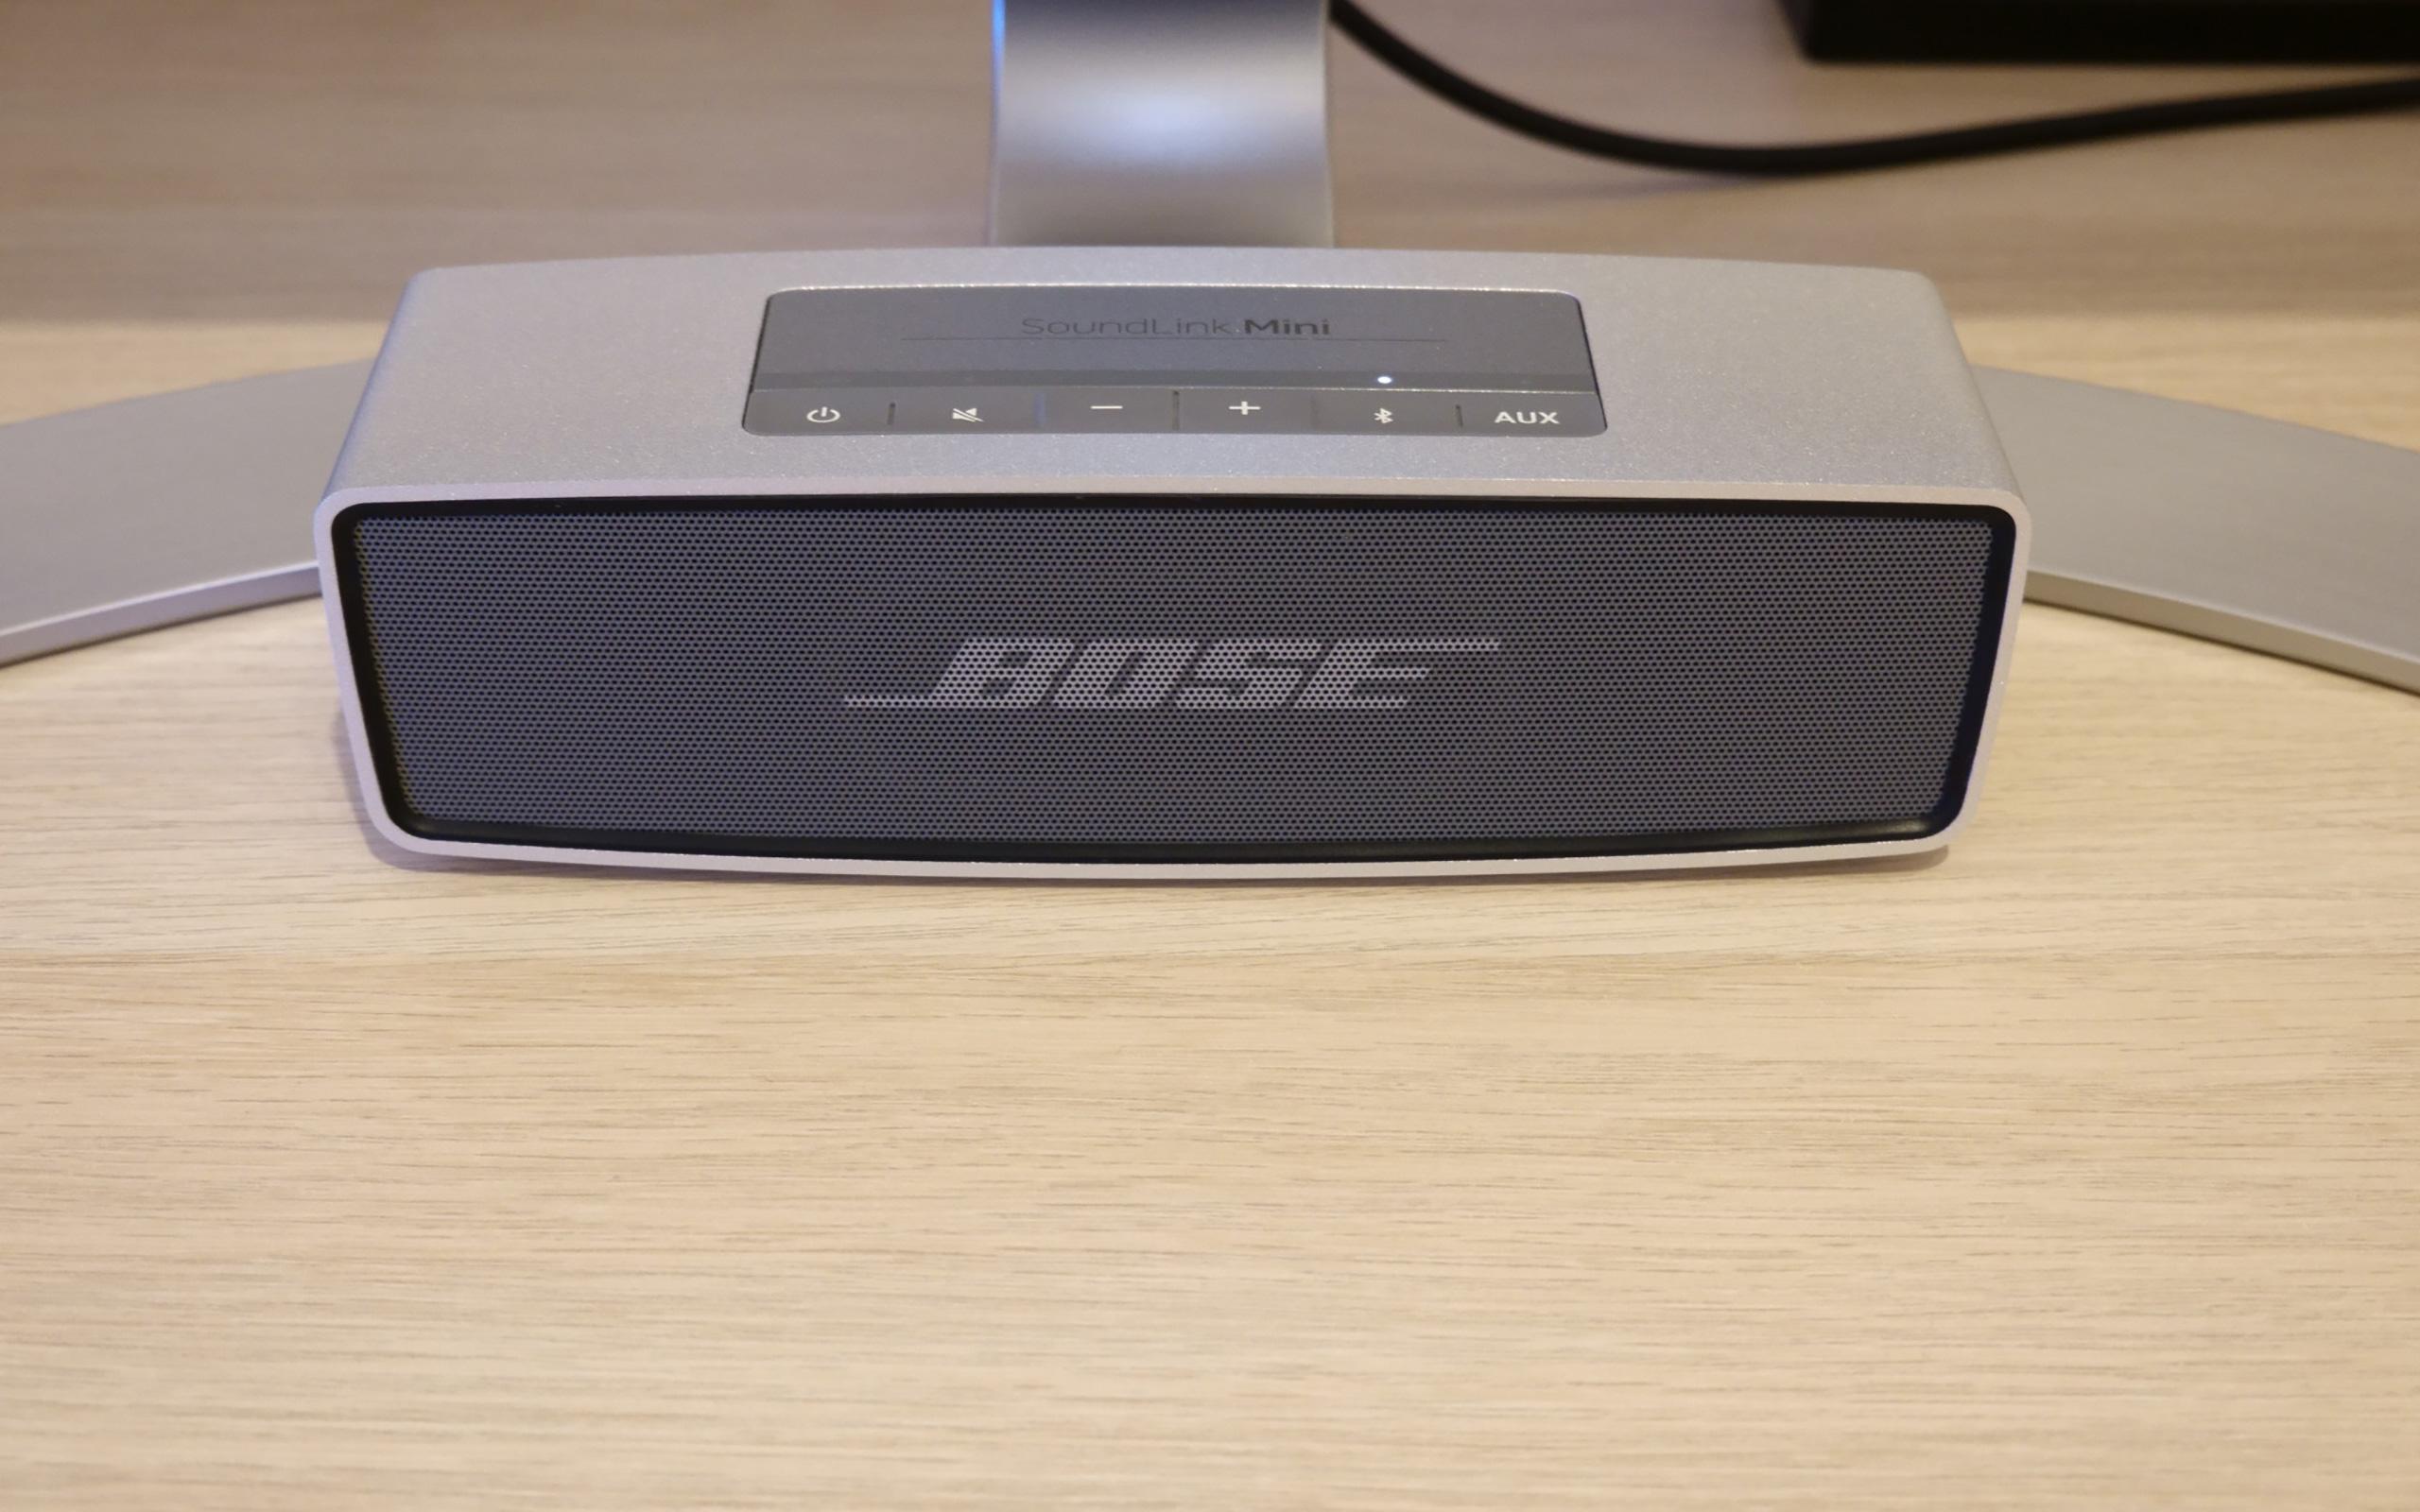 Satter Sound über Bluetooth: Bose SoundLink Mini.